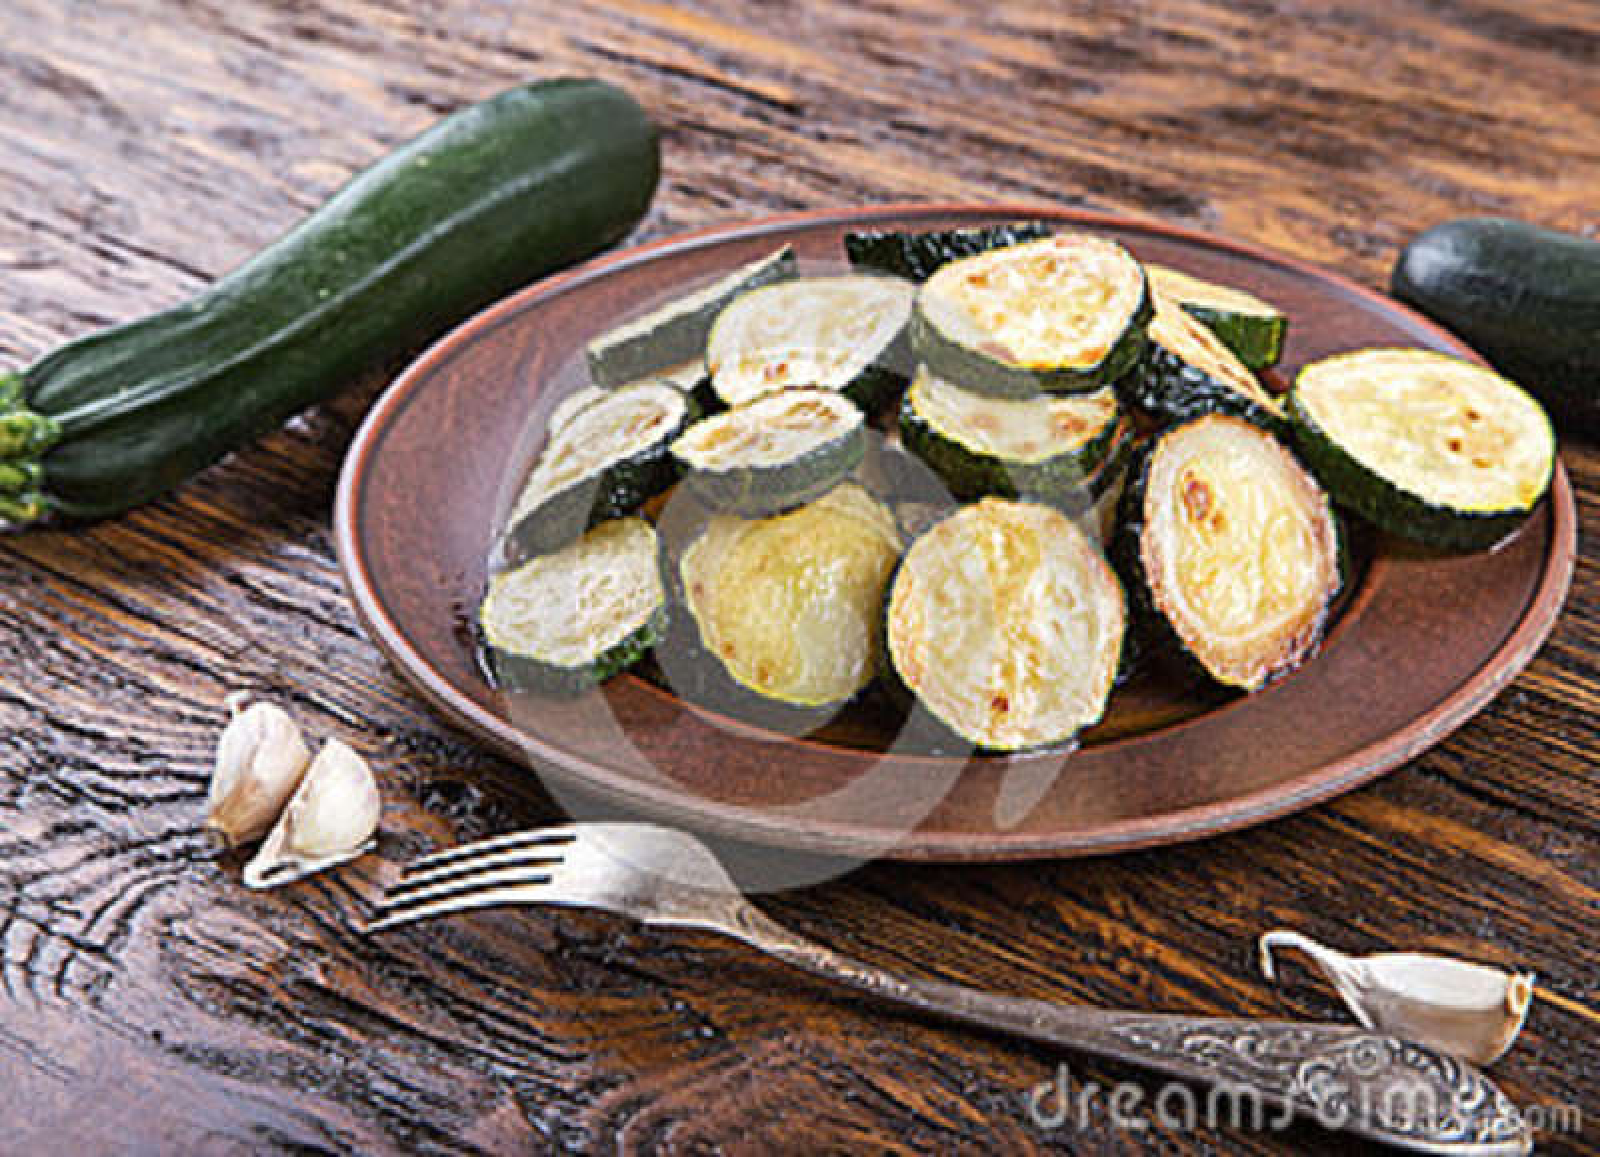 Alimento, cozinhado, cozinhando, culinária, abobrinha, vegetariano, almoço, veg